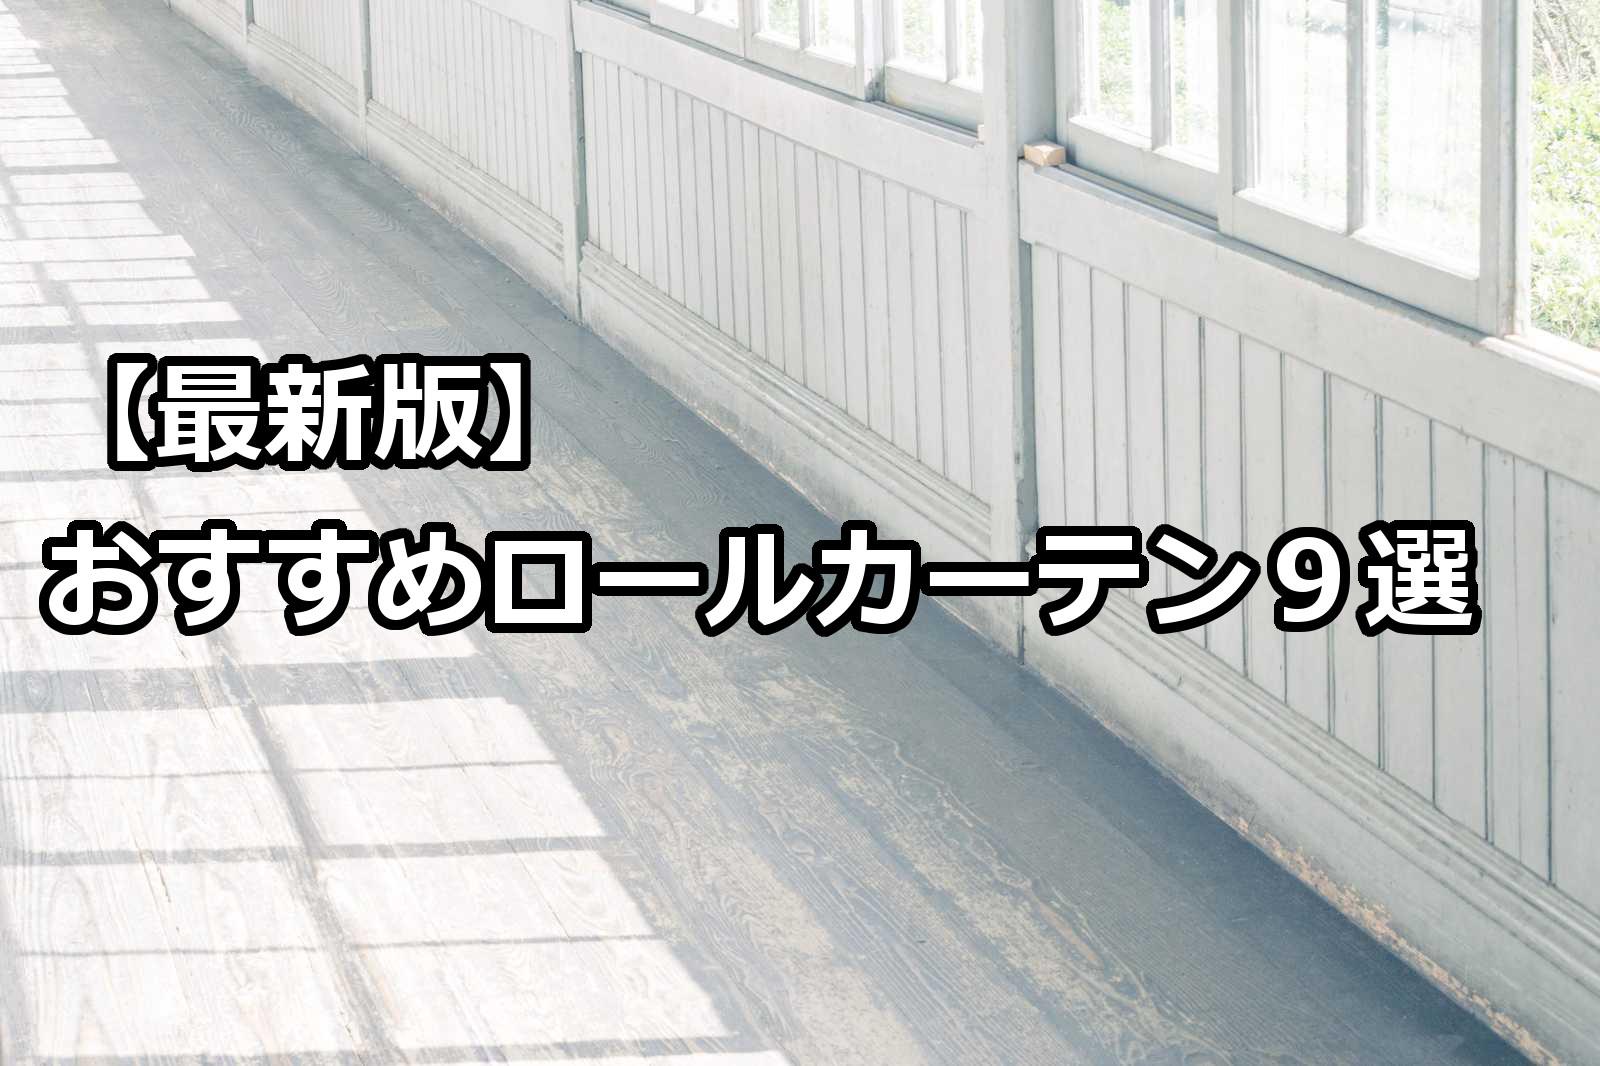 ロールカーテン選びに失敗しないコツとおすすめ9選【2019年最新版】